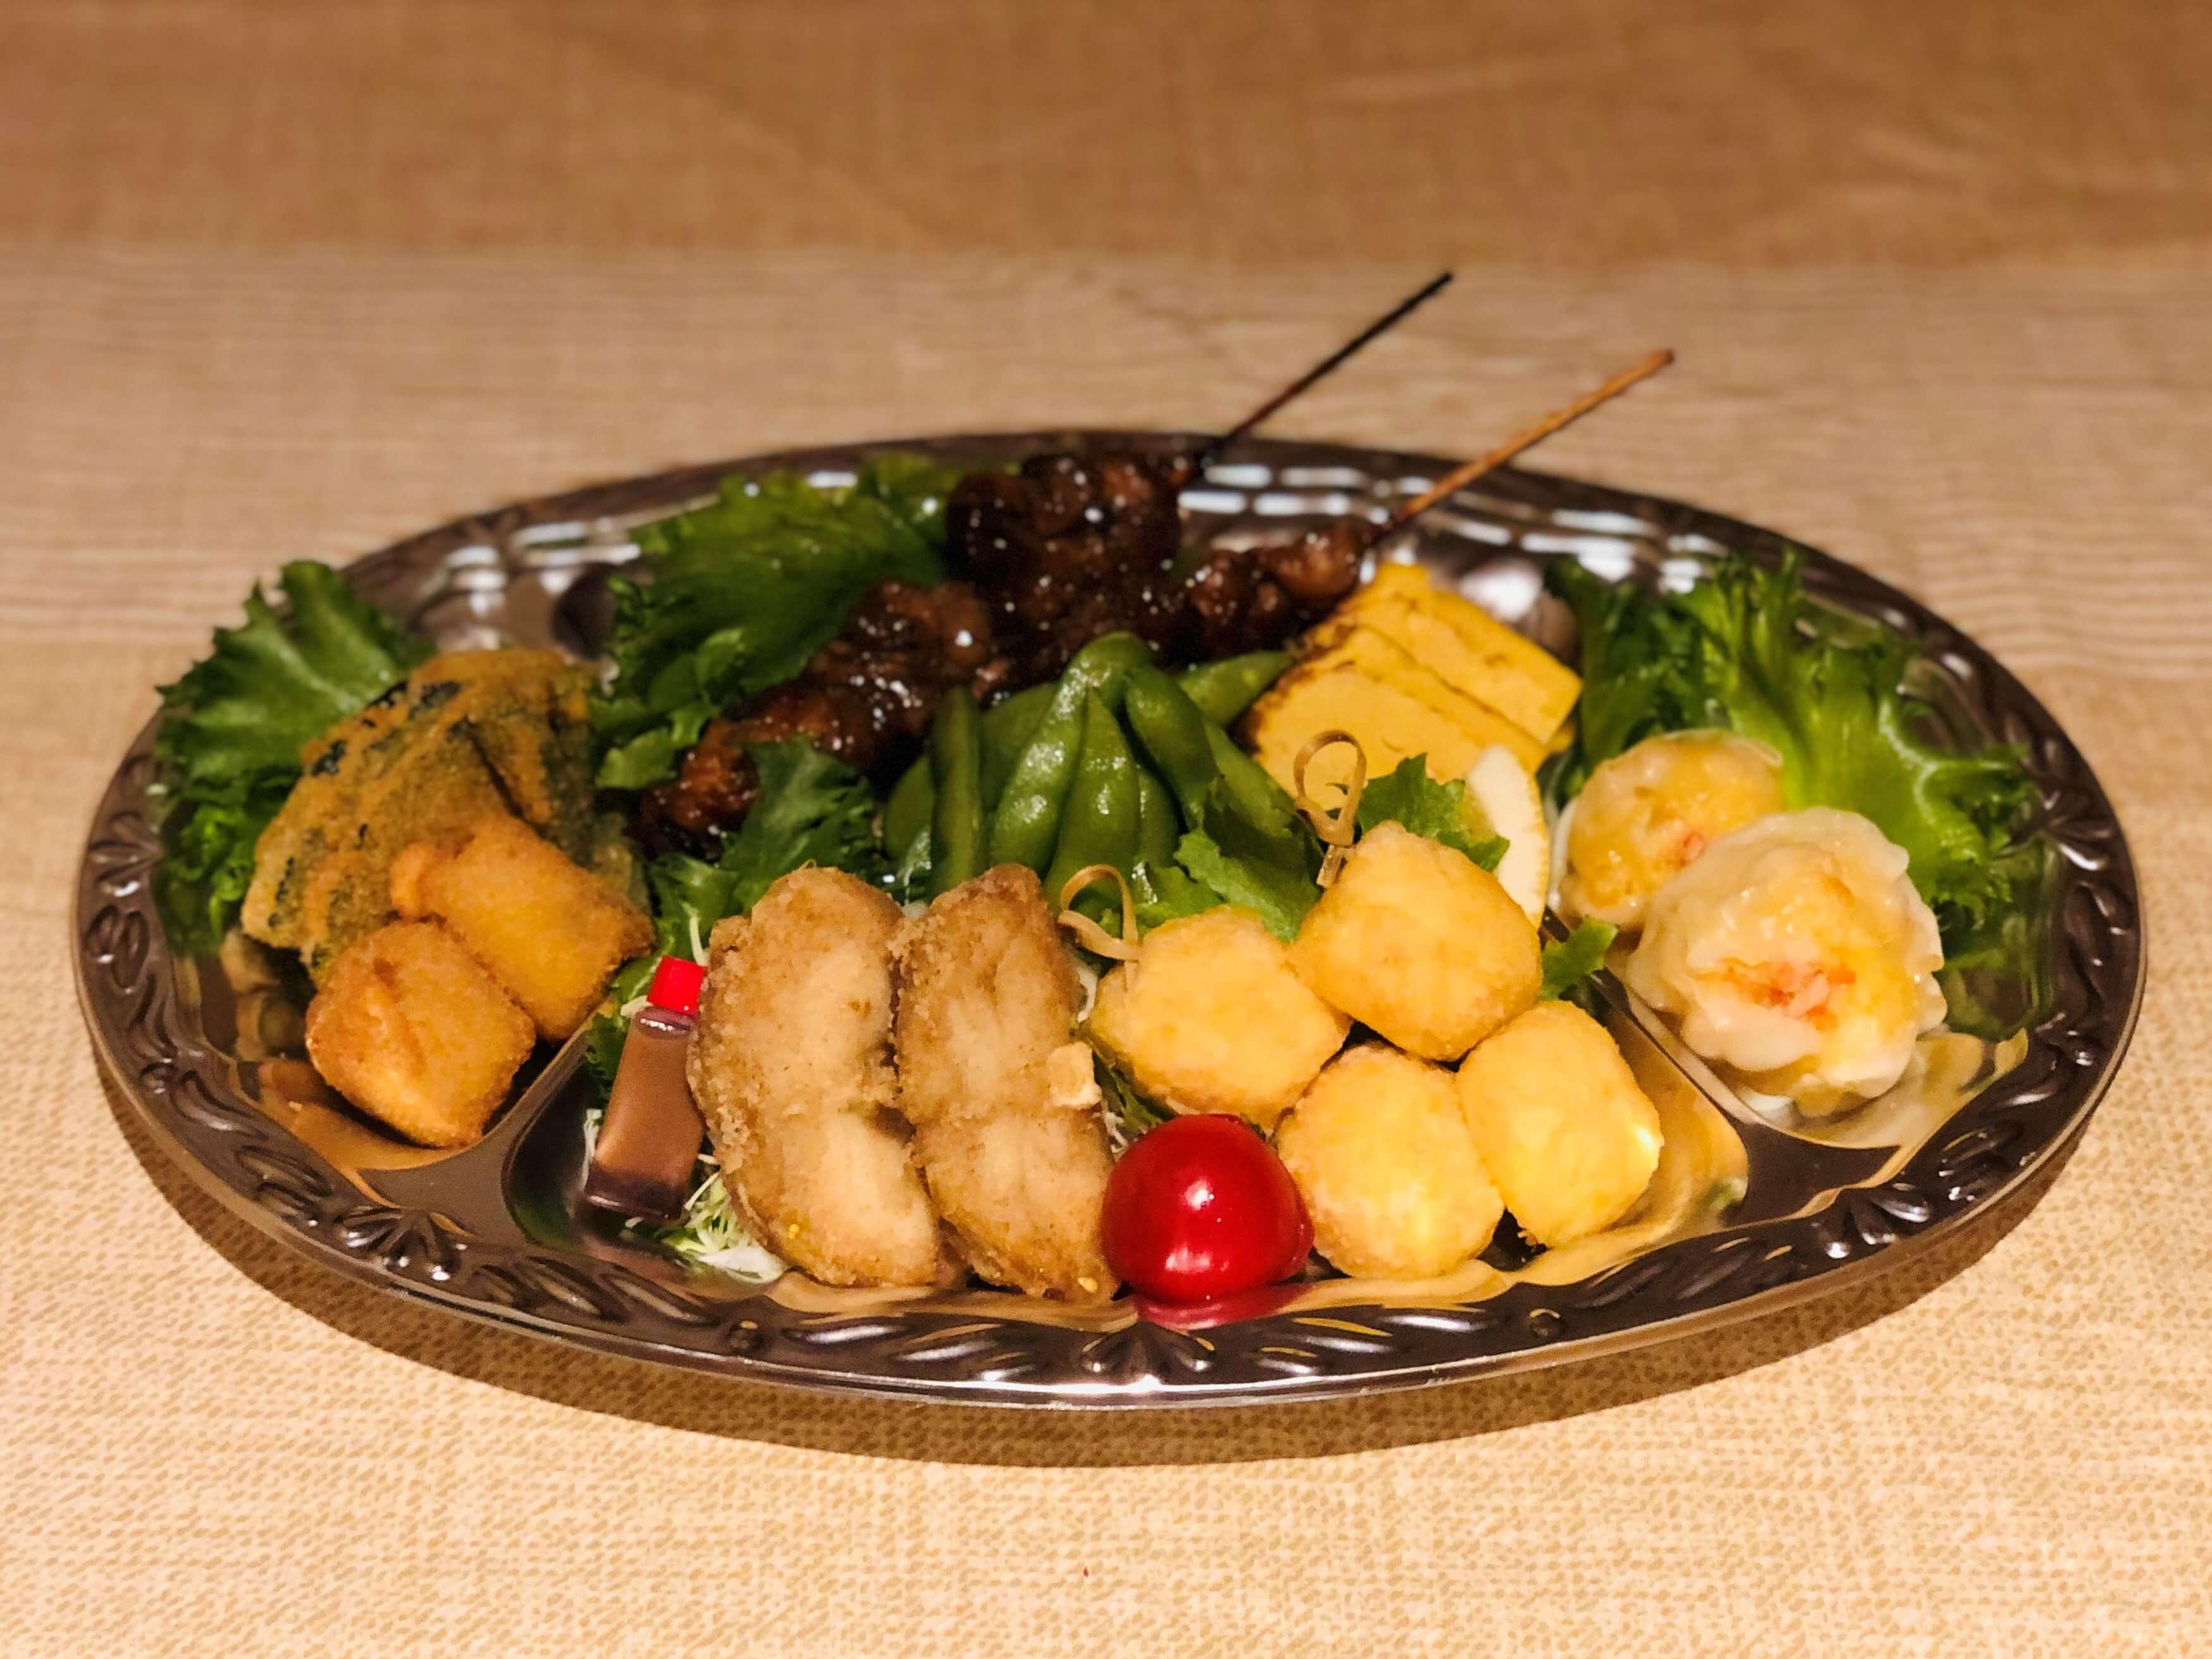 野菜フライ、海鮮クリームコロッケ、うなぎの肝串、枝豆、厚焼き玉子、海鮮シューマイ、ふぐ唐揚げ、海老しんじょう